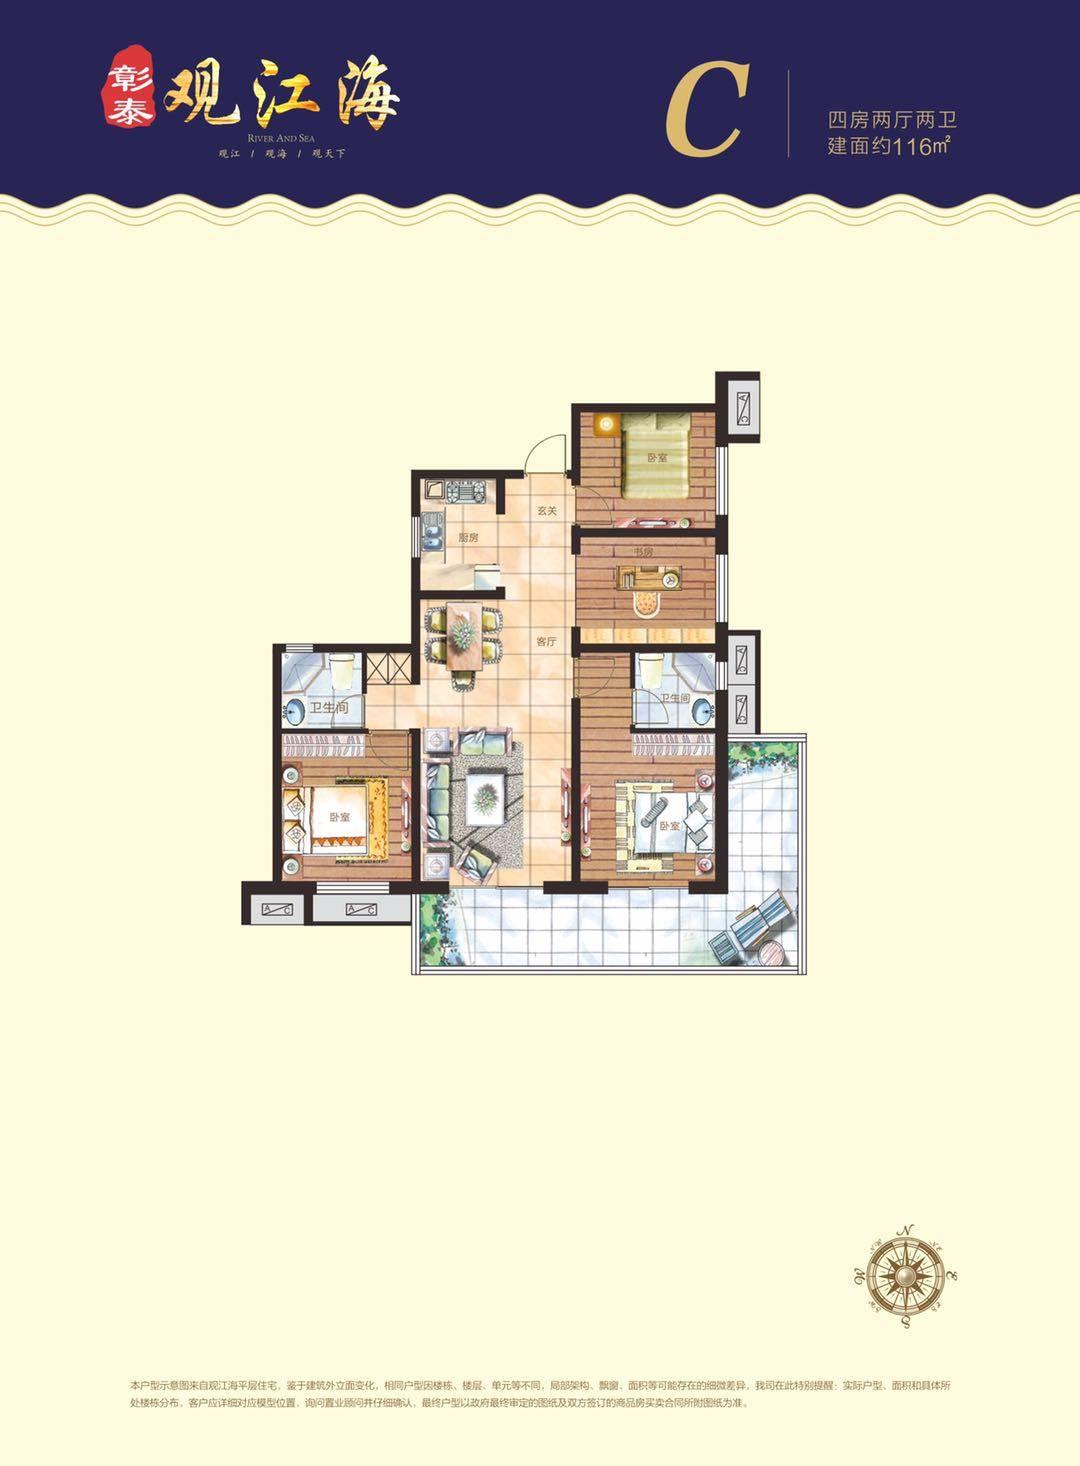 C戶型 4房2廳2衛 建筑面積116㎡